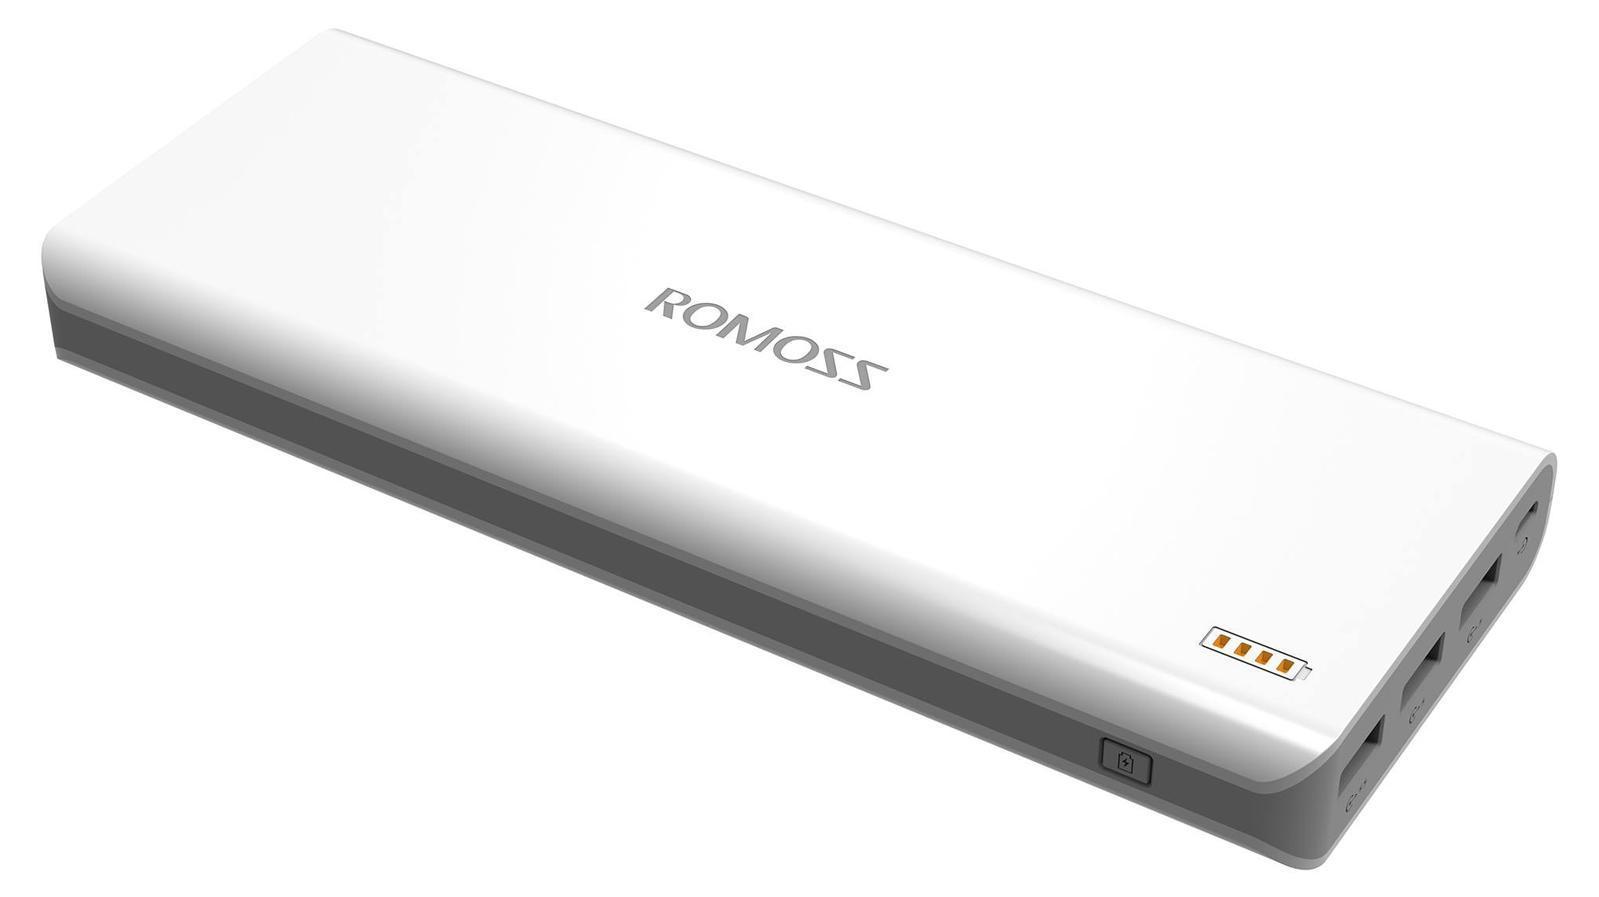 Romoss Solo 9, White внешний аккумулятор00000008580Стильный внешний аккумулятор для подзарядки и увеличении времени автономной работы различных мобильных устройств, телефонов, смартфонов и планшетов. Данная модель имеет два выхода USB, комплектуется microUSB-кабелем и имеет четырех секционный светодиодный индикатор заряда.